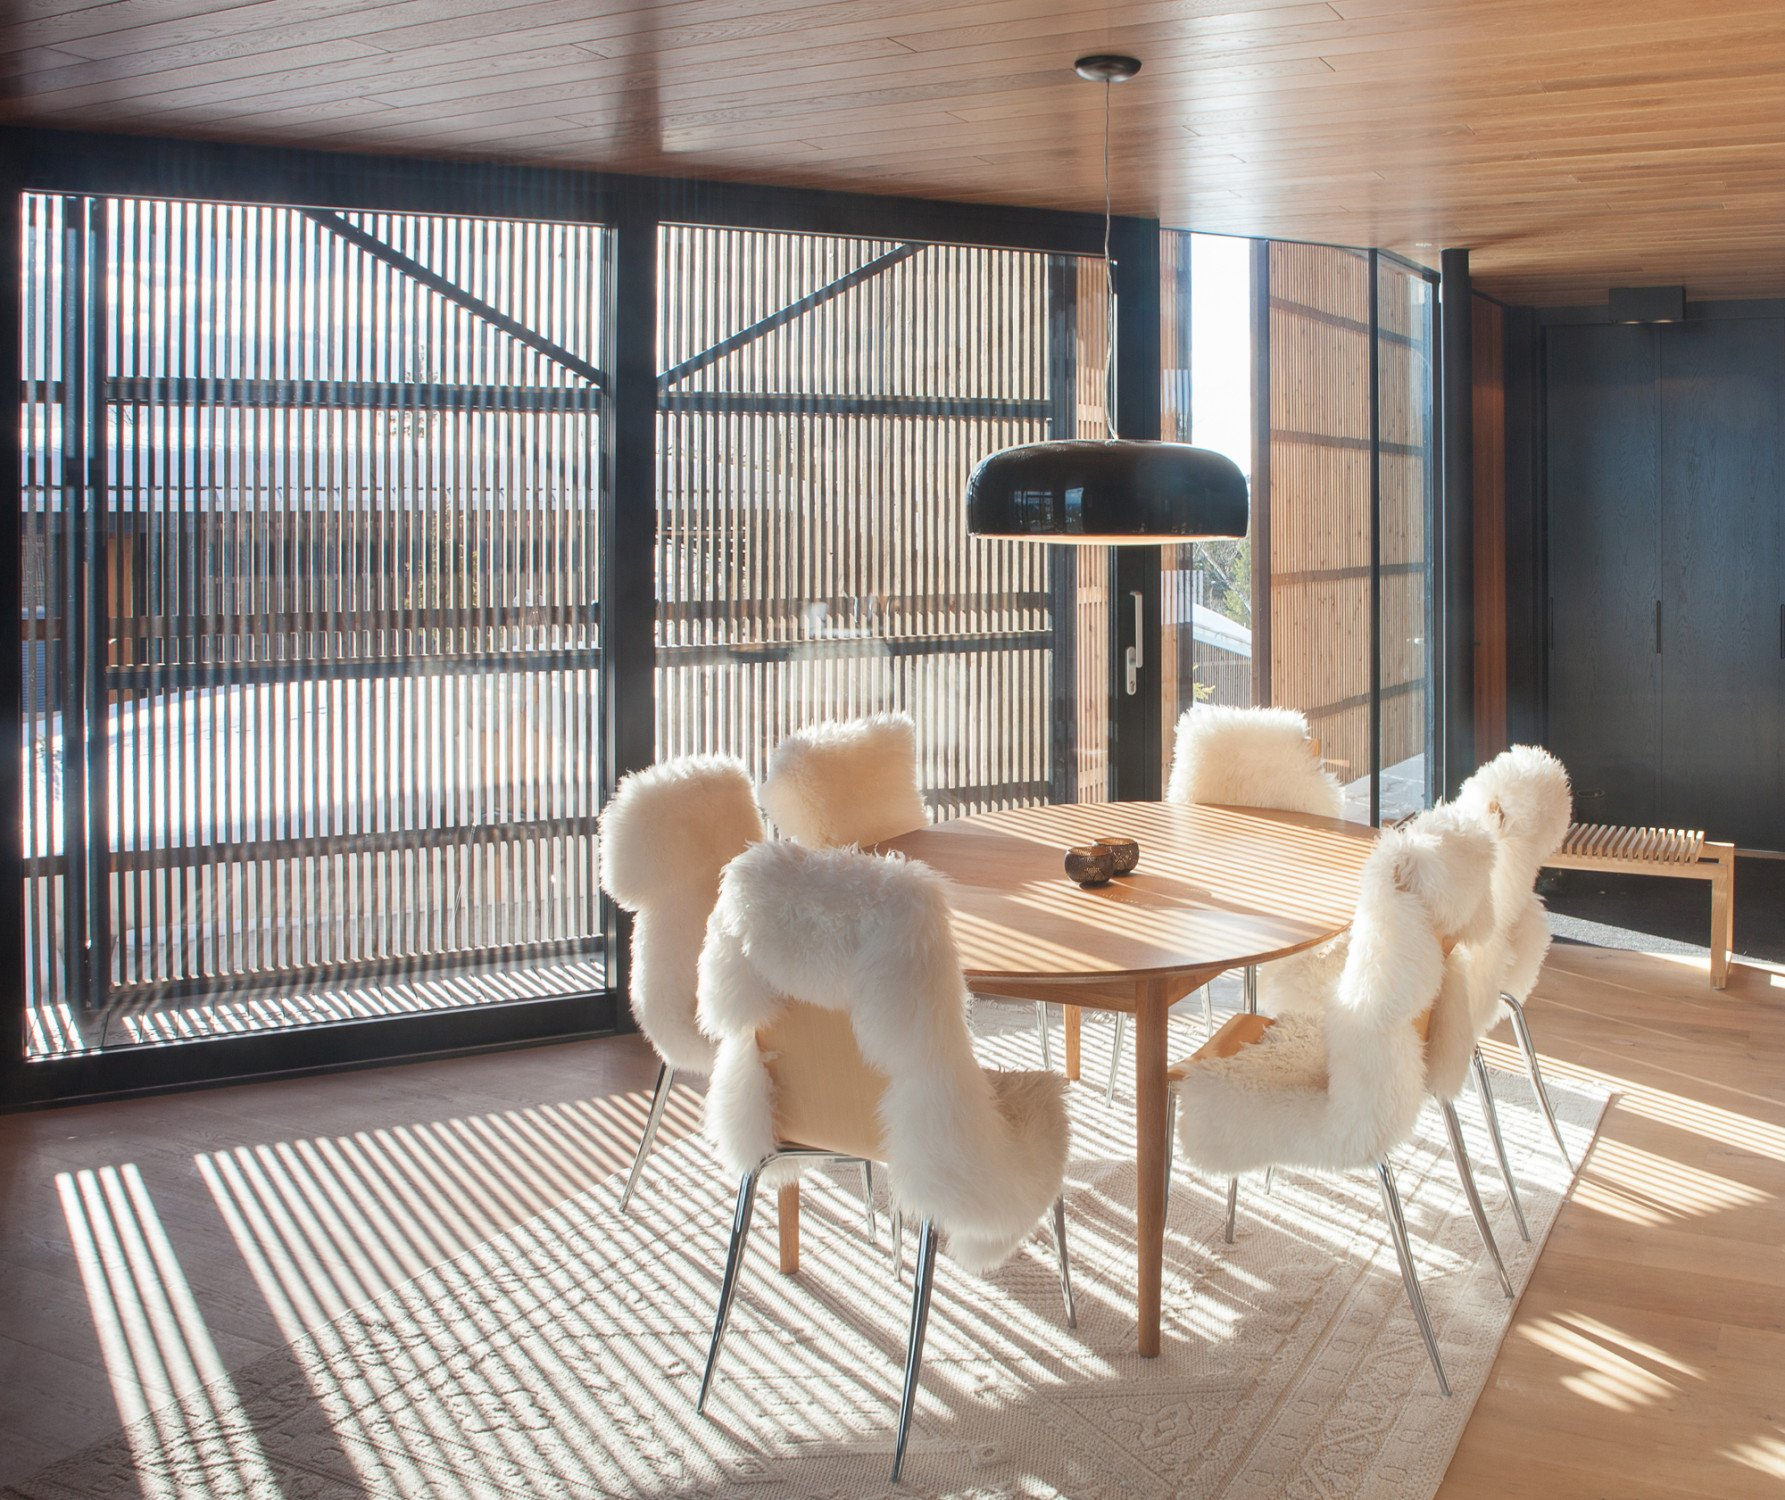 wochenendhaus in kvitfjell gesund bauen wohnen baunetz wissen. Black Bedroom Furniture Sets. Home Design Ideas